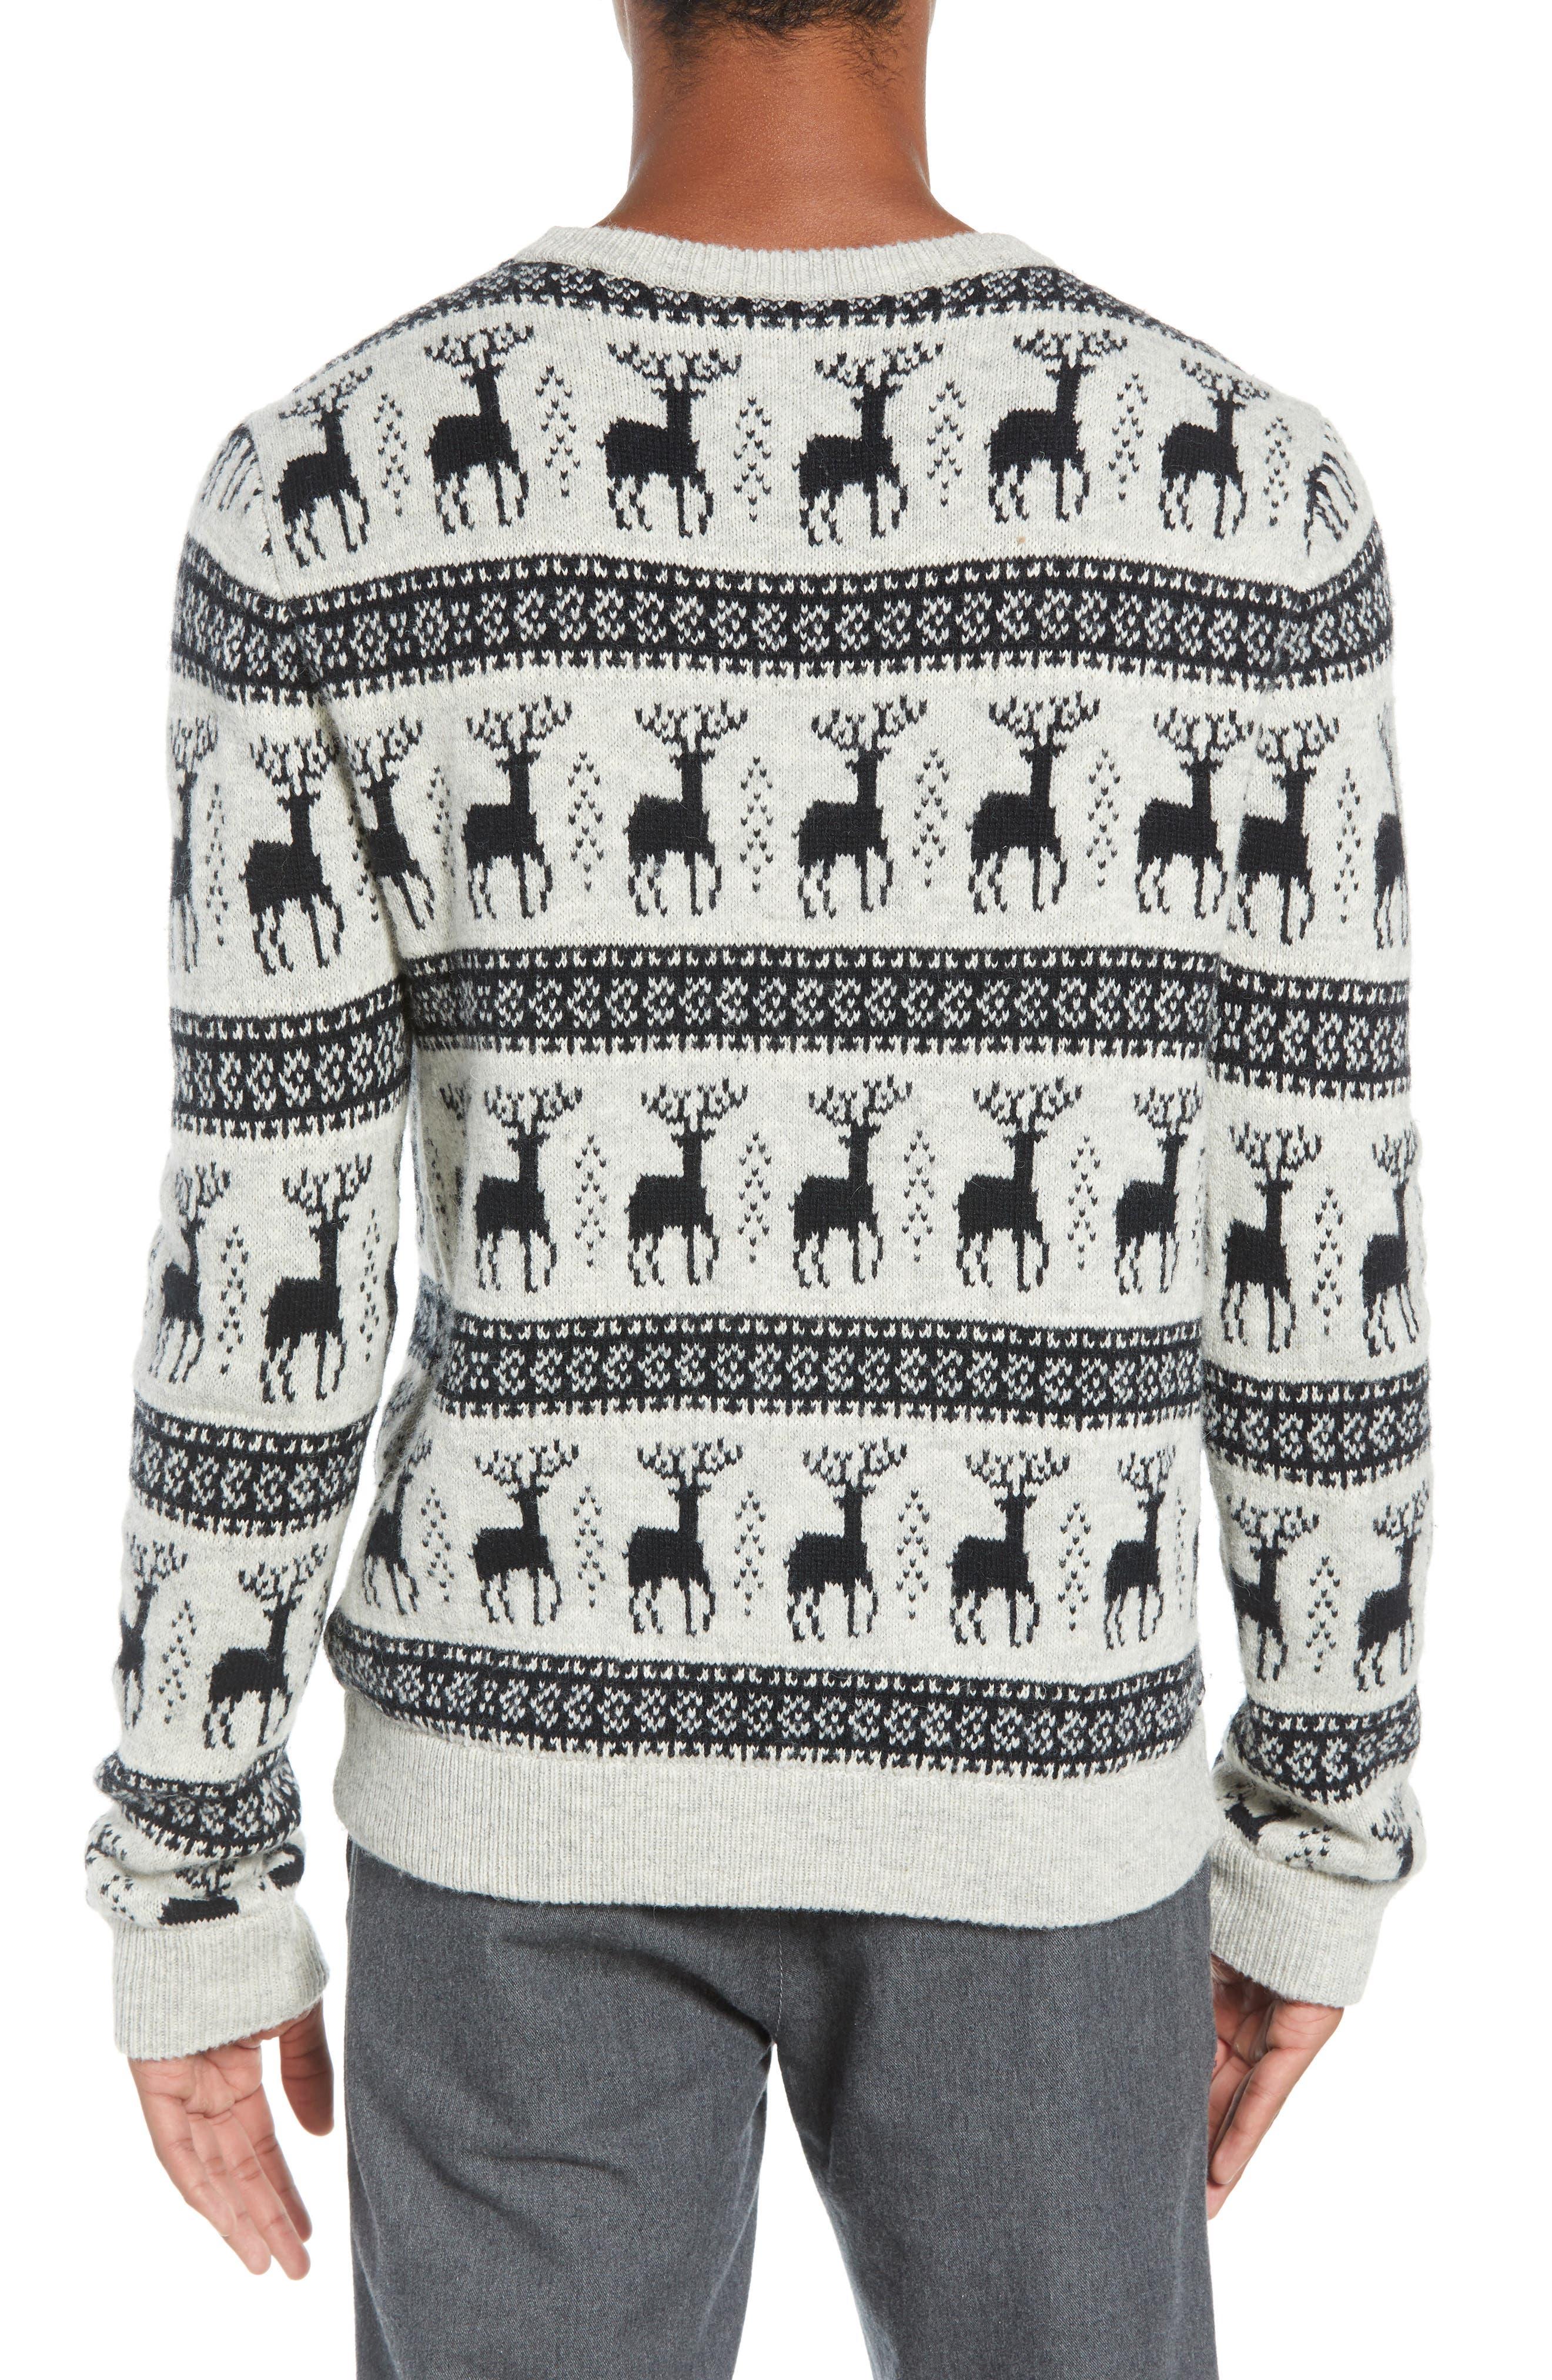 Cedar Slim Fit Crewneck Sweater,                             Alternate thumbnail 2, color,                             LIGHT HEATHER GREY